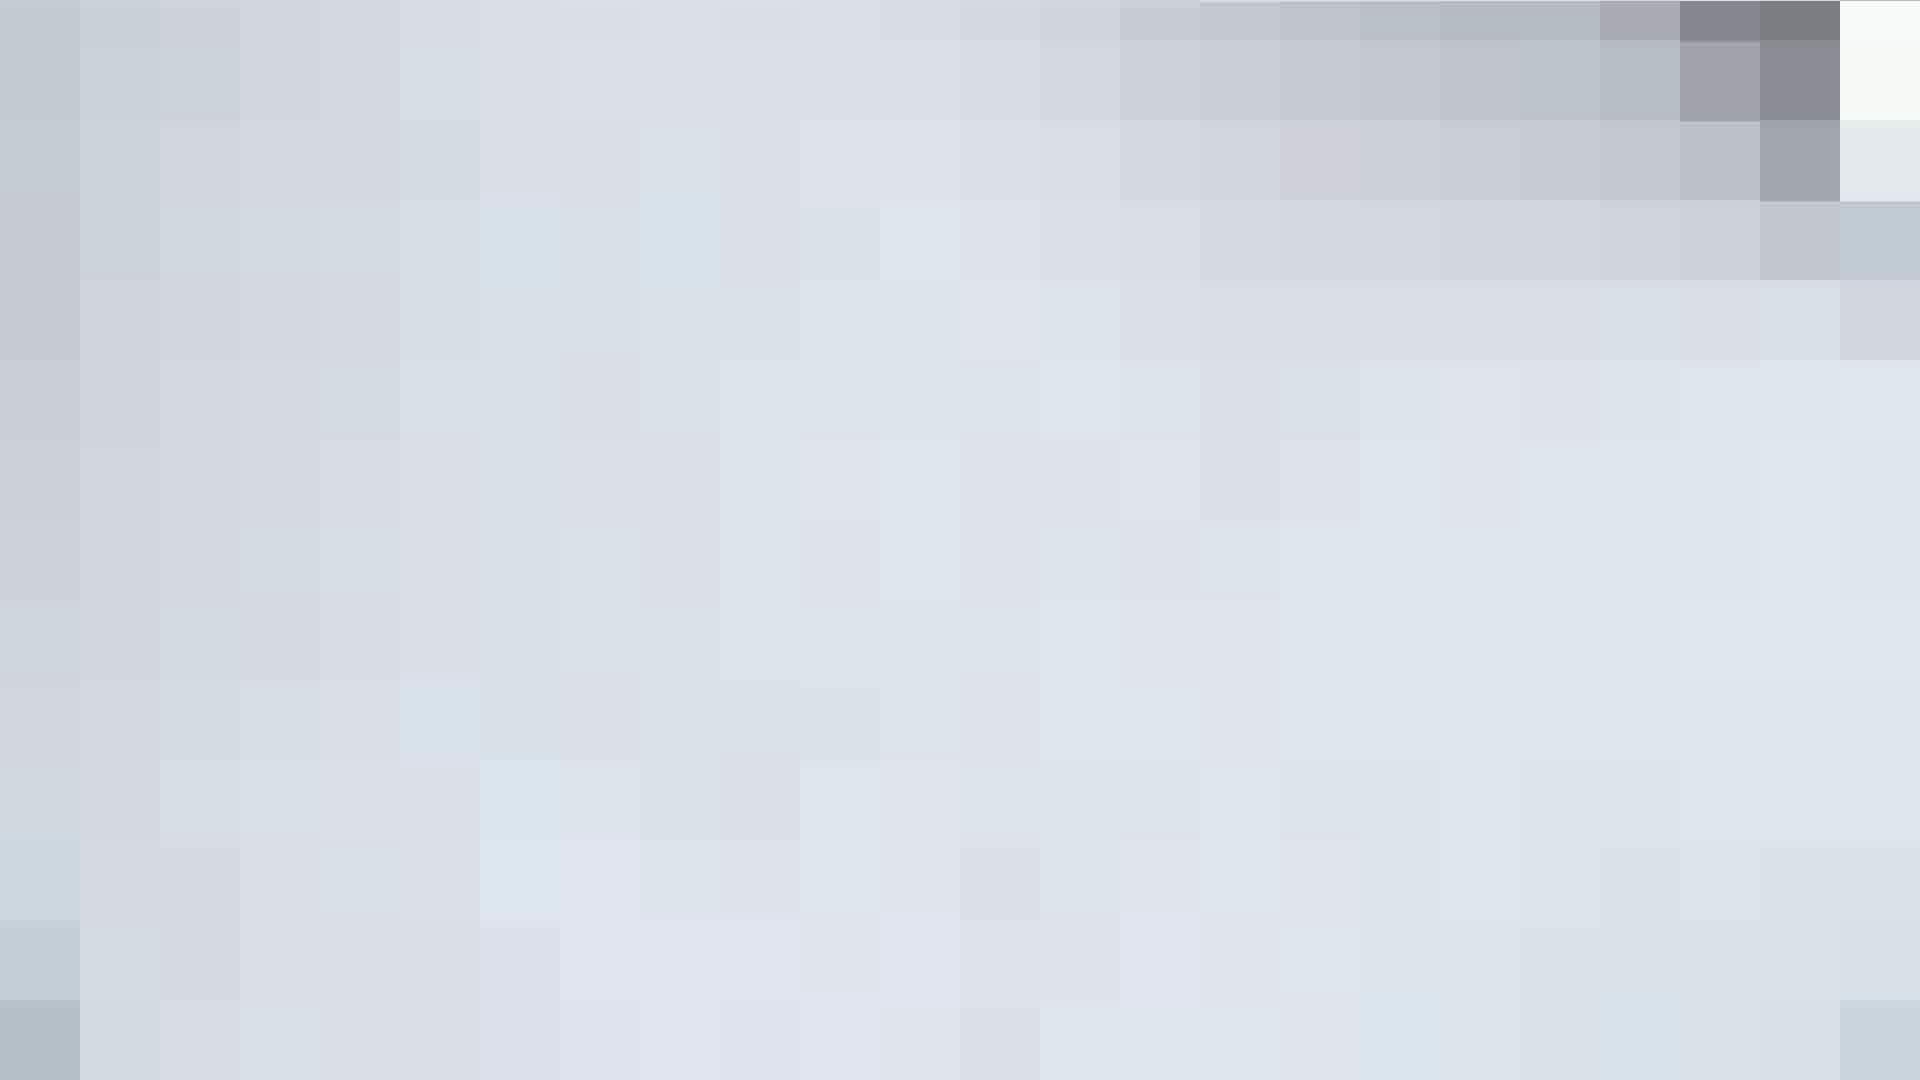 洗面所特攻隊 vol.020 びにょ~ん エッチなお姉さん  54画像 15